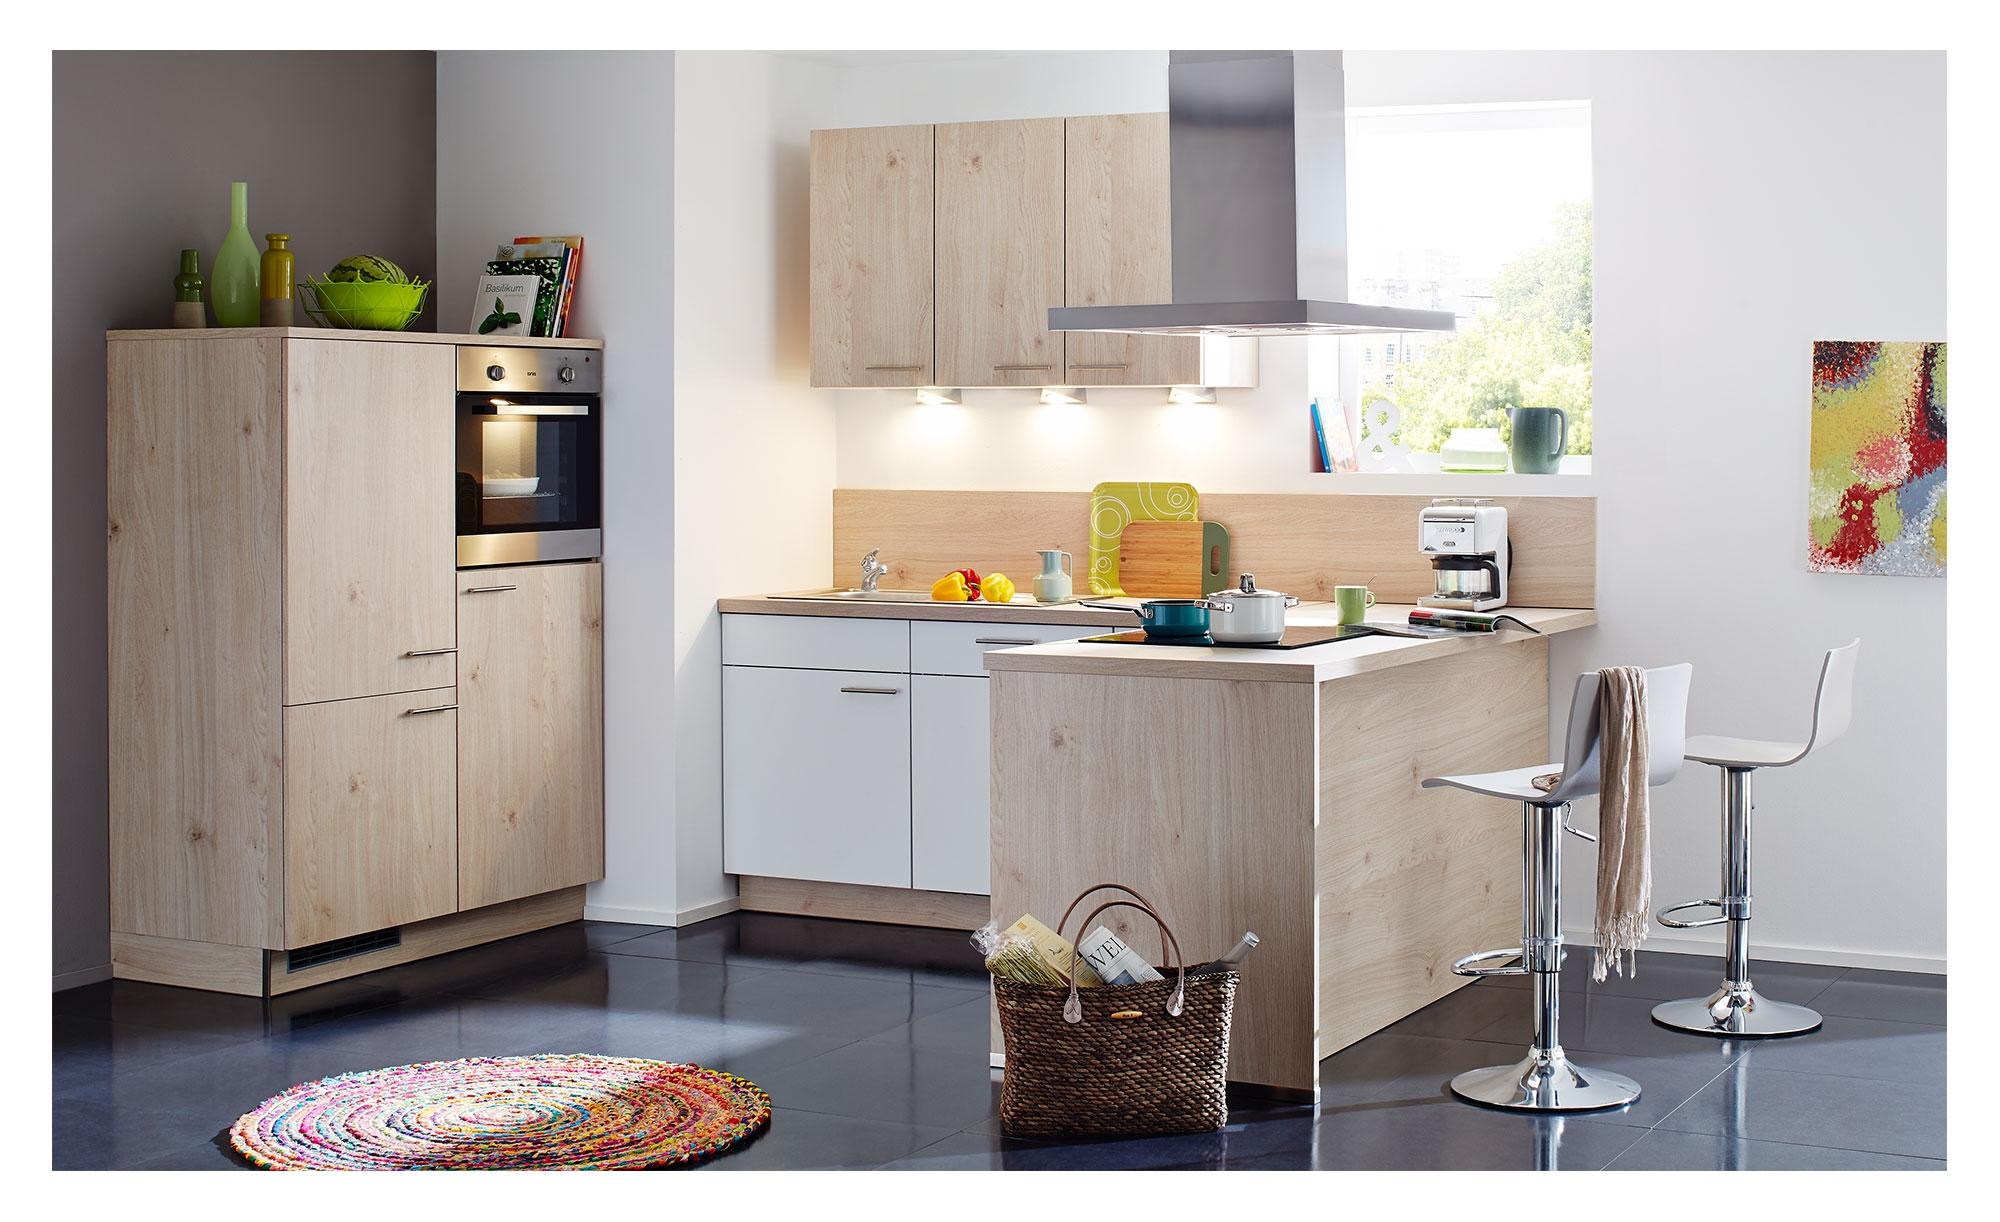 Full Size of Küche Eiche Hell Gebraucht Küche Eiche Hell Aufpeppen Arbeitsplatte Küche Eiche Hell Küche Eiche Hell Welche Wandfarbe Küche Küche Eiche Hell